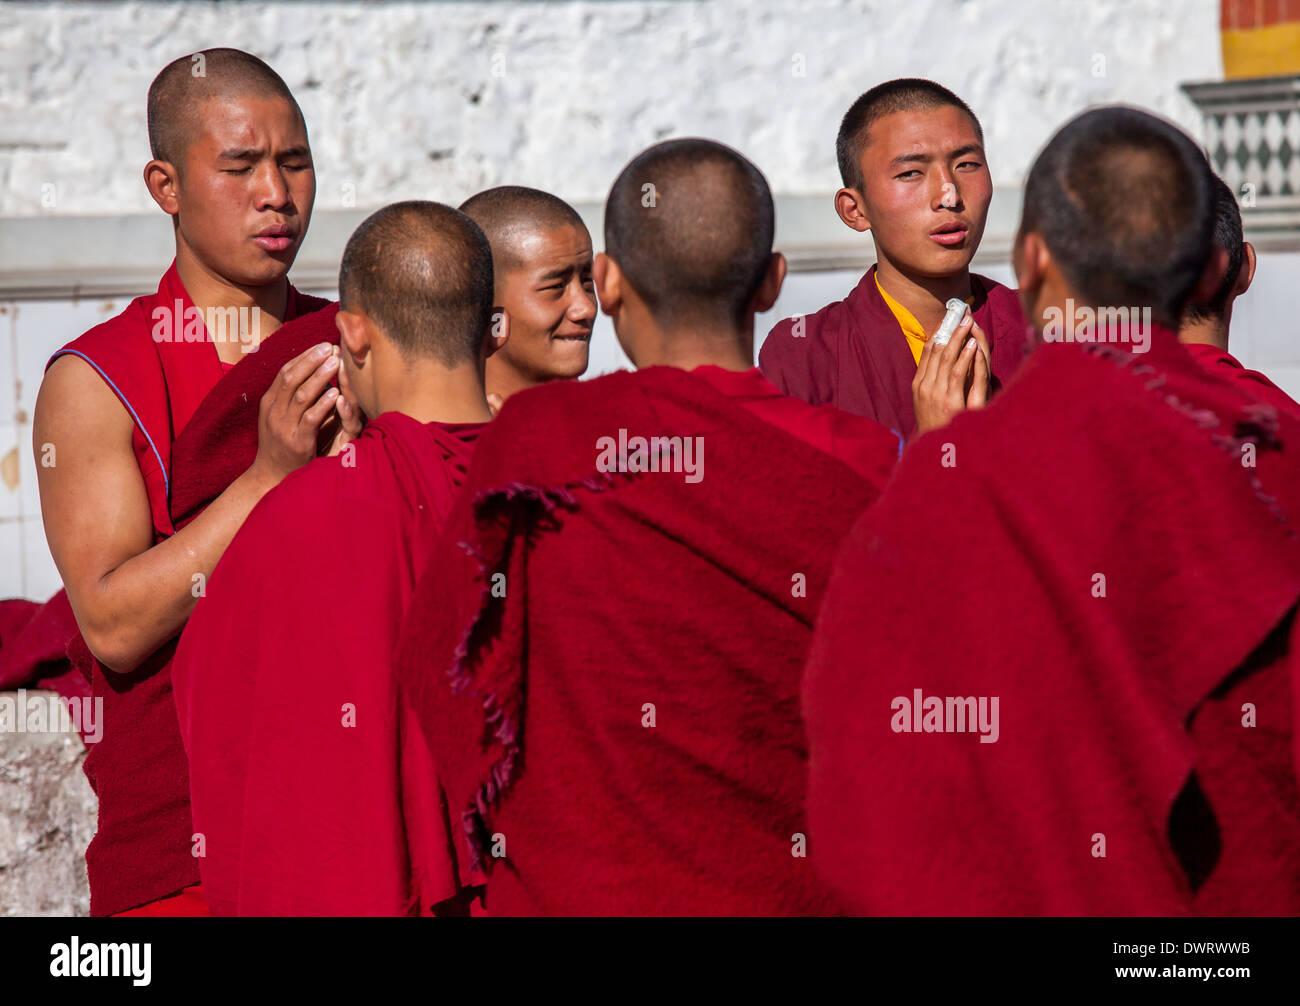 Monks praying outisde at Galden Namgey Lhatse Monastery, Tawang, Arunachal Pradesh, India Stock Photo